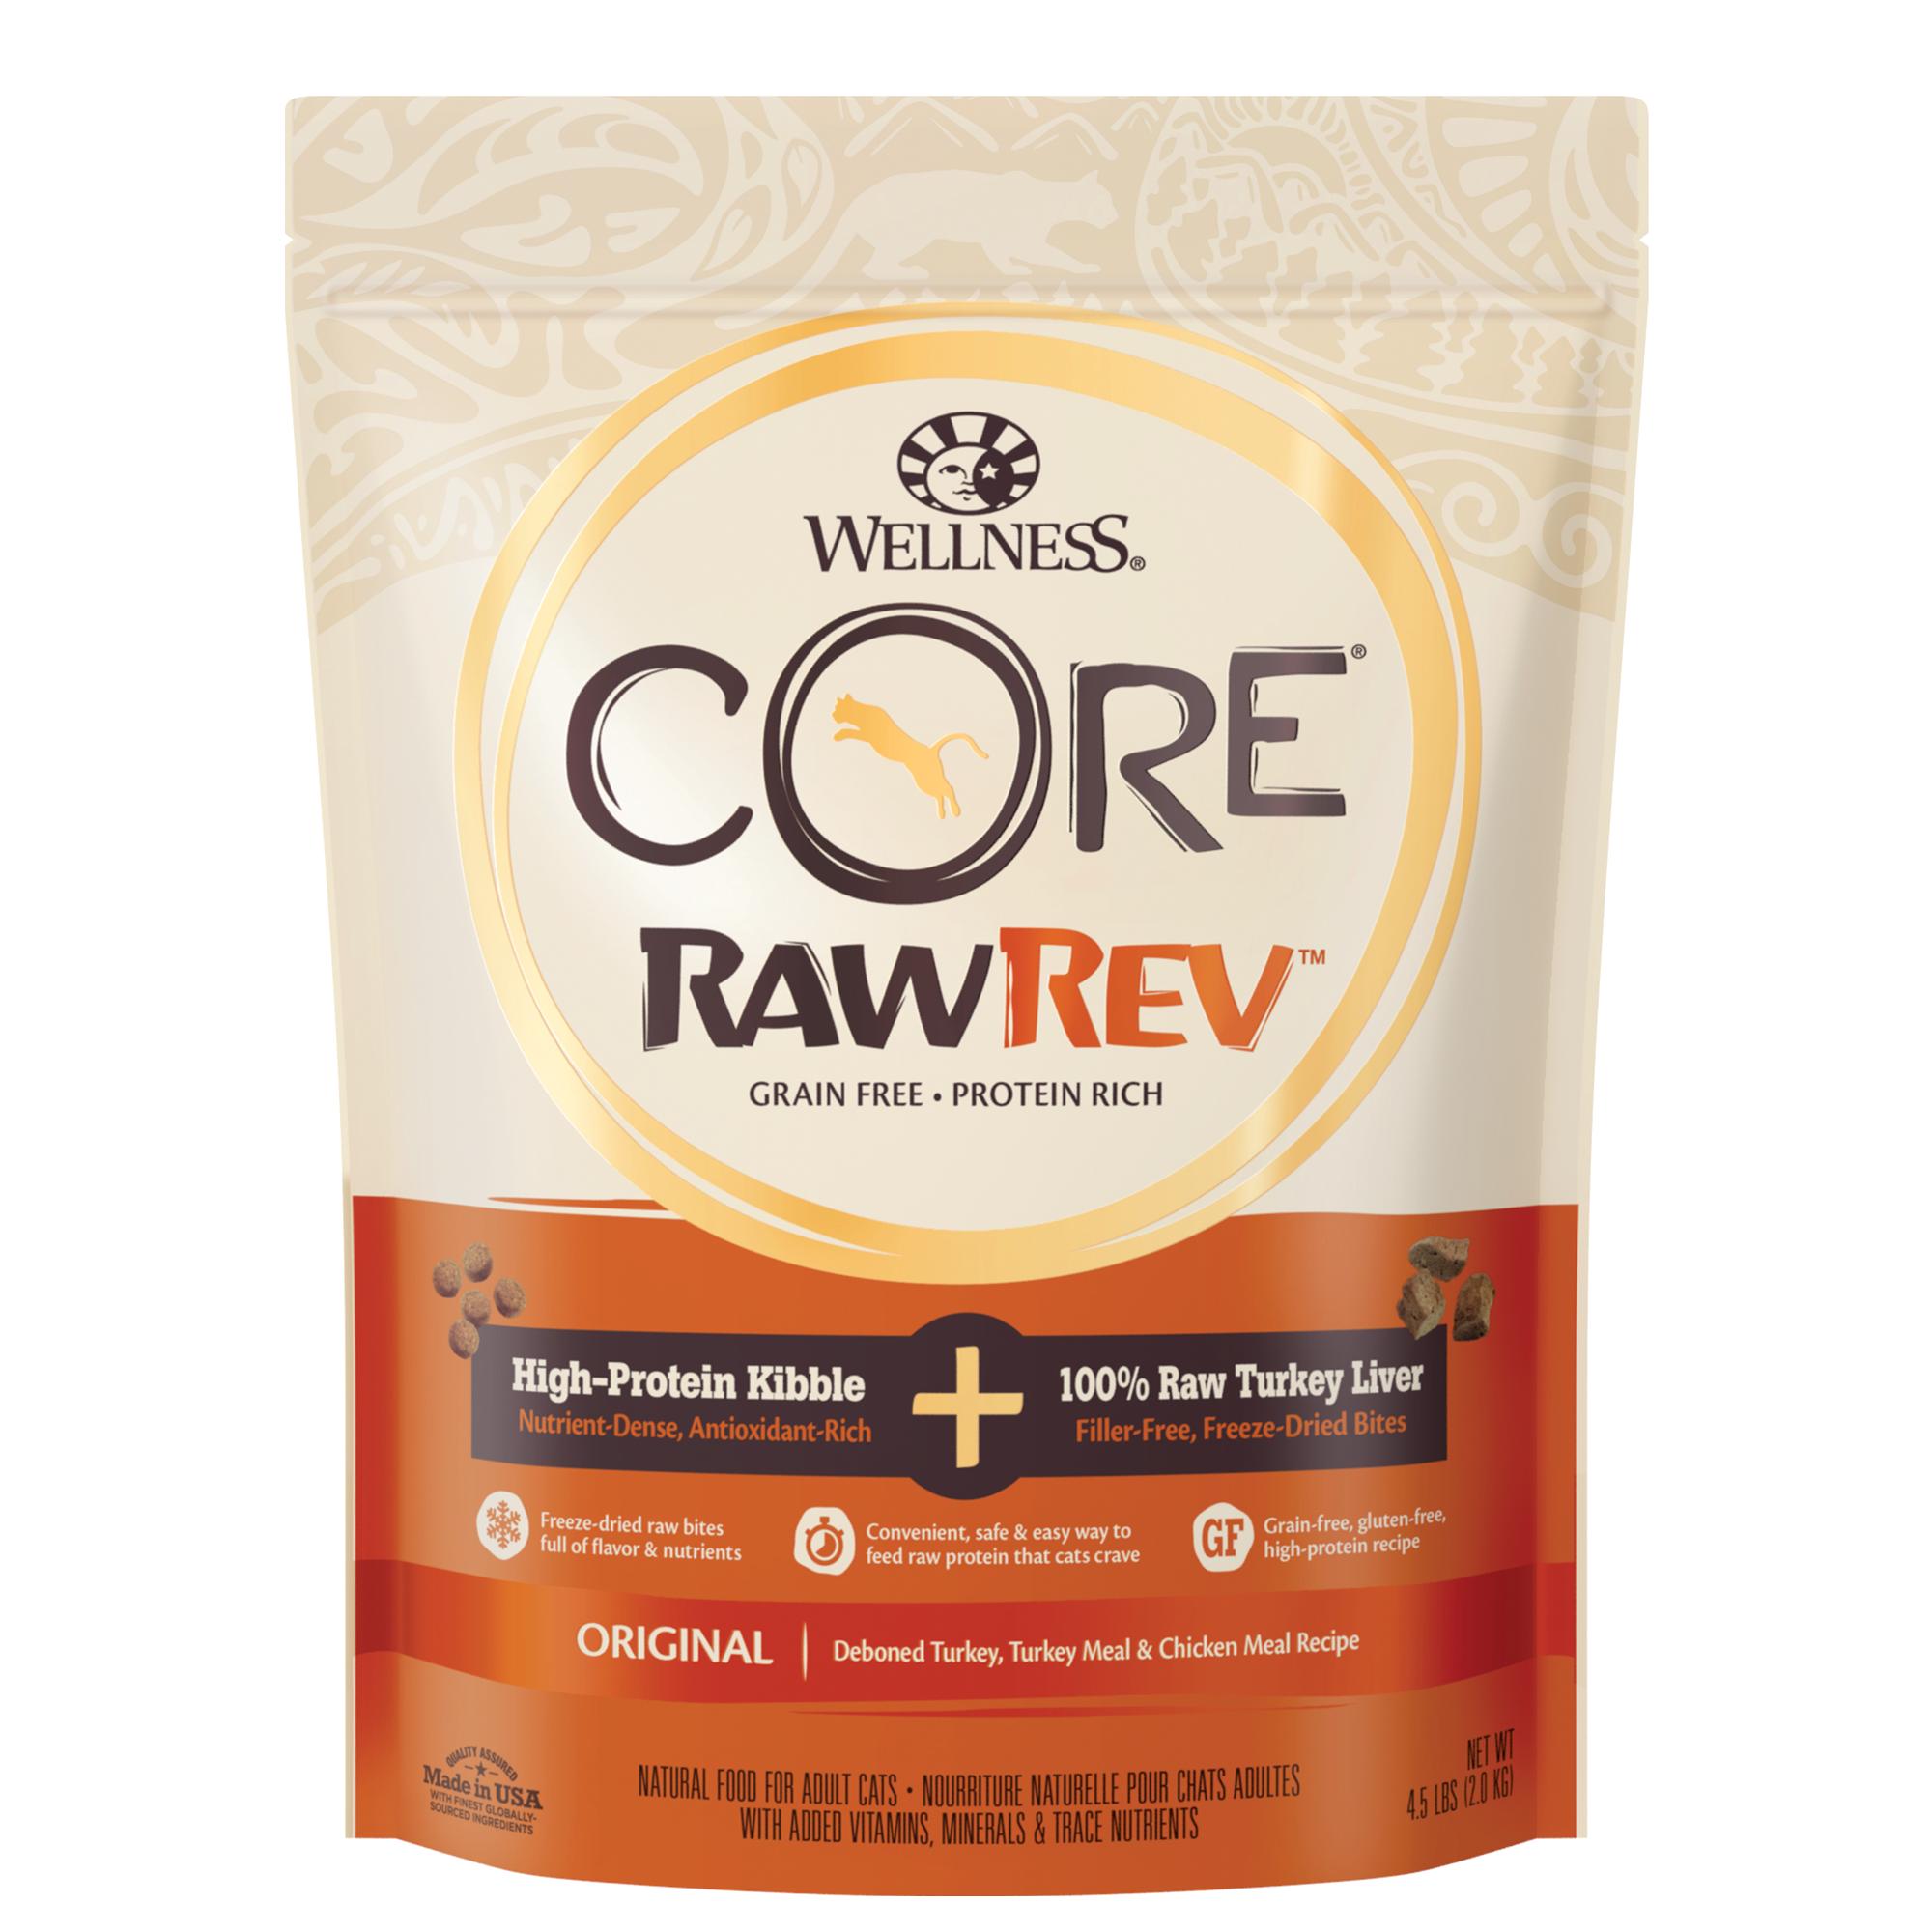 Core Rawrev Original Wellness Singapore